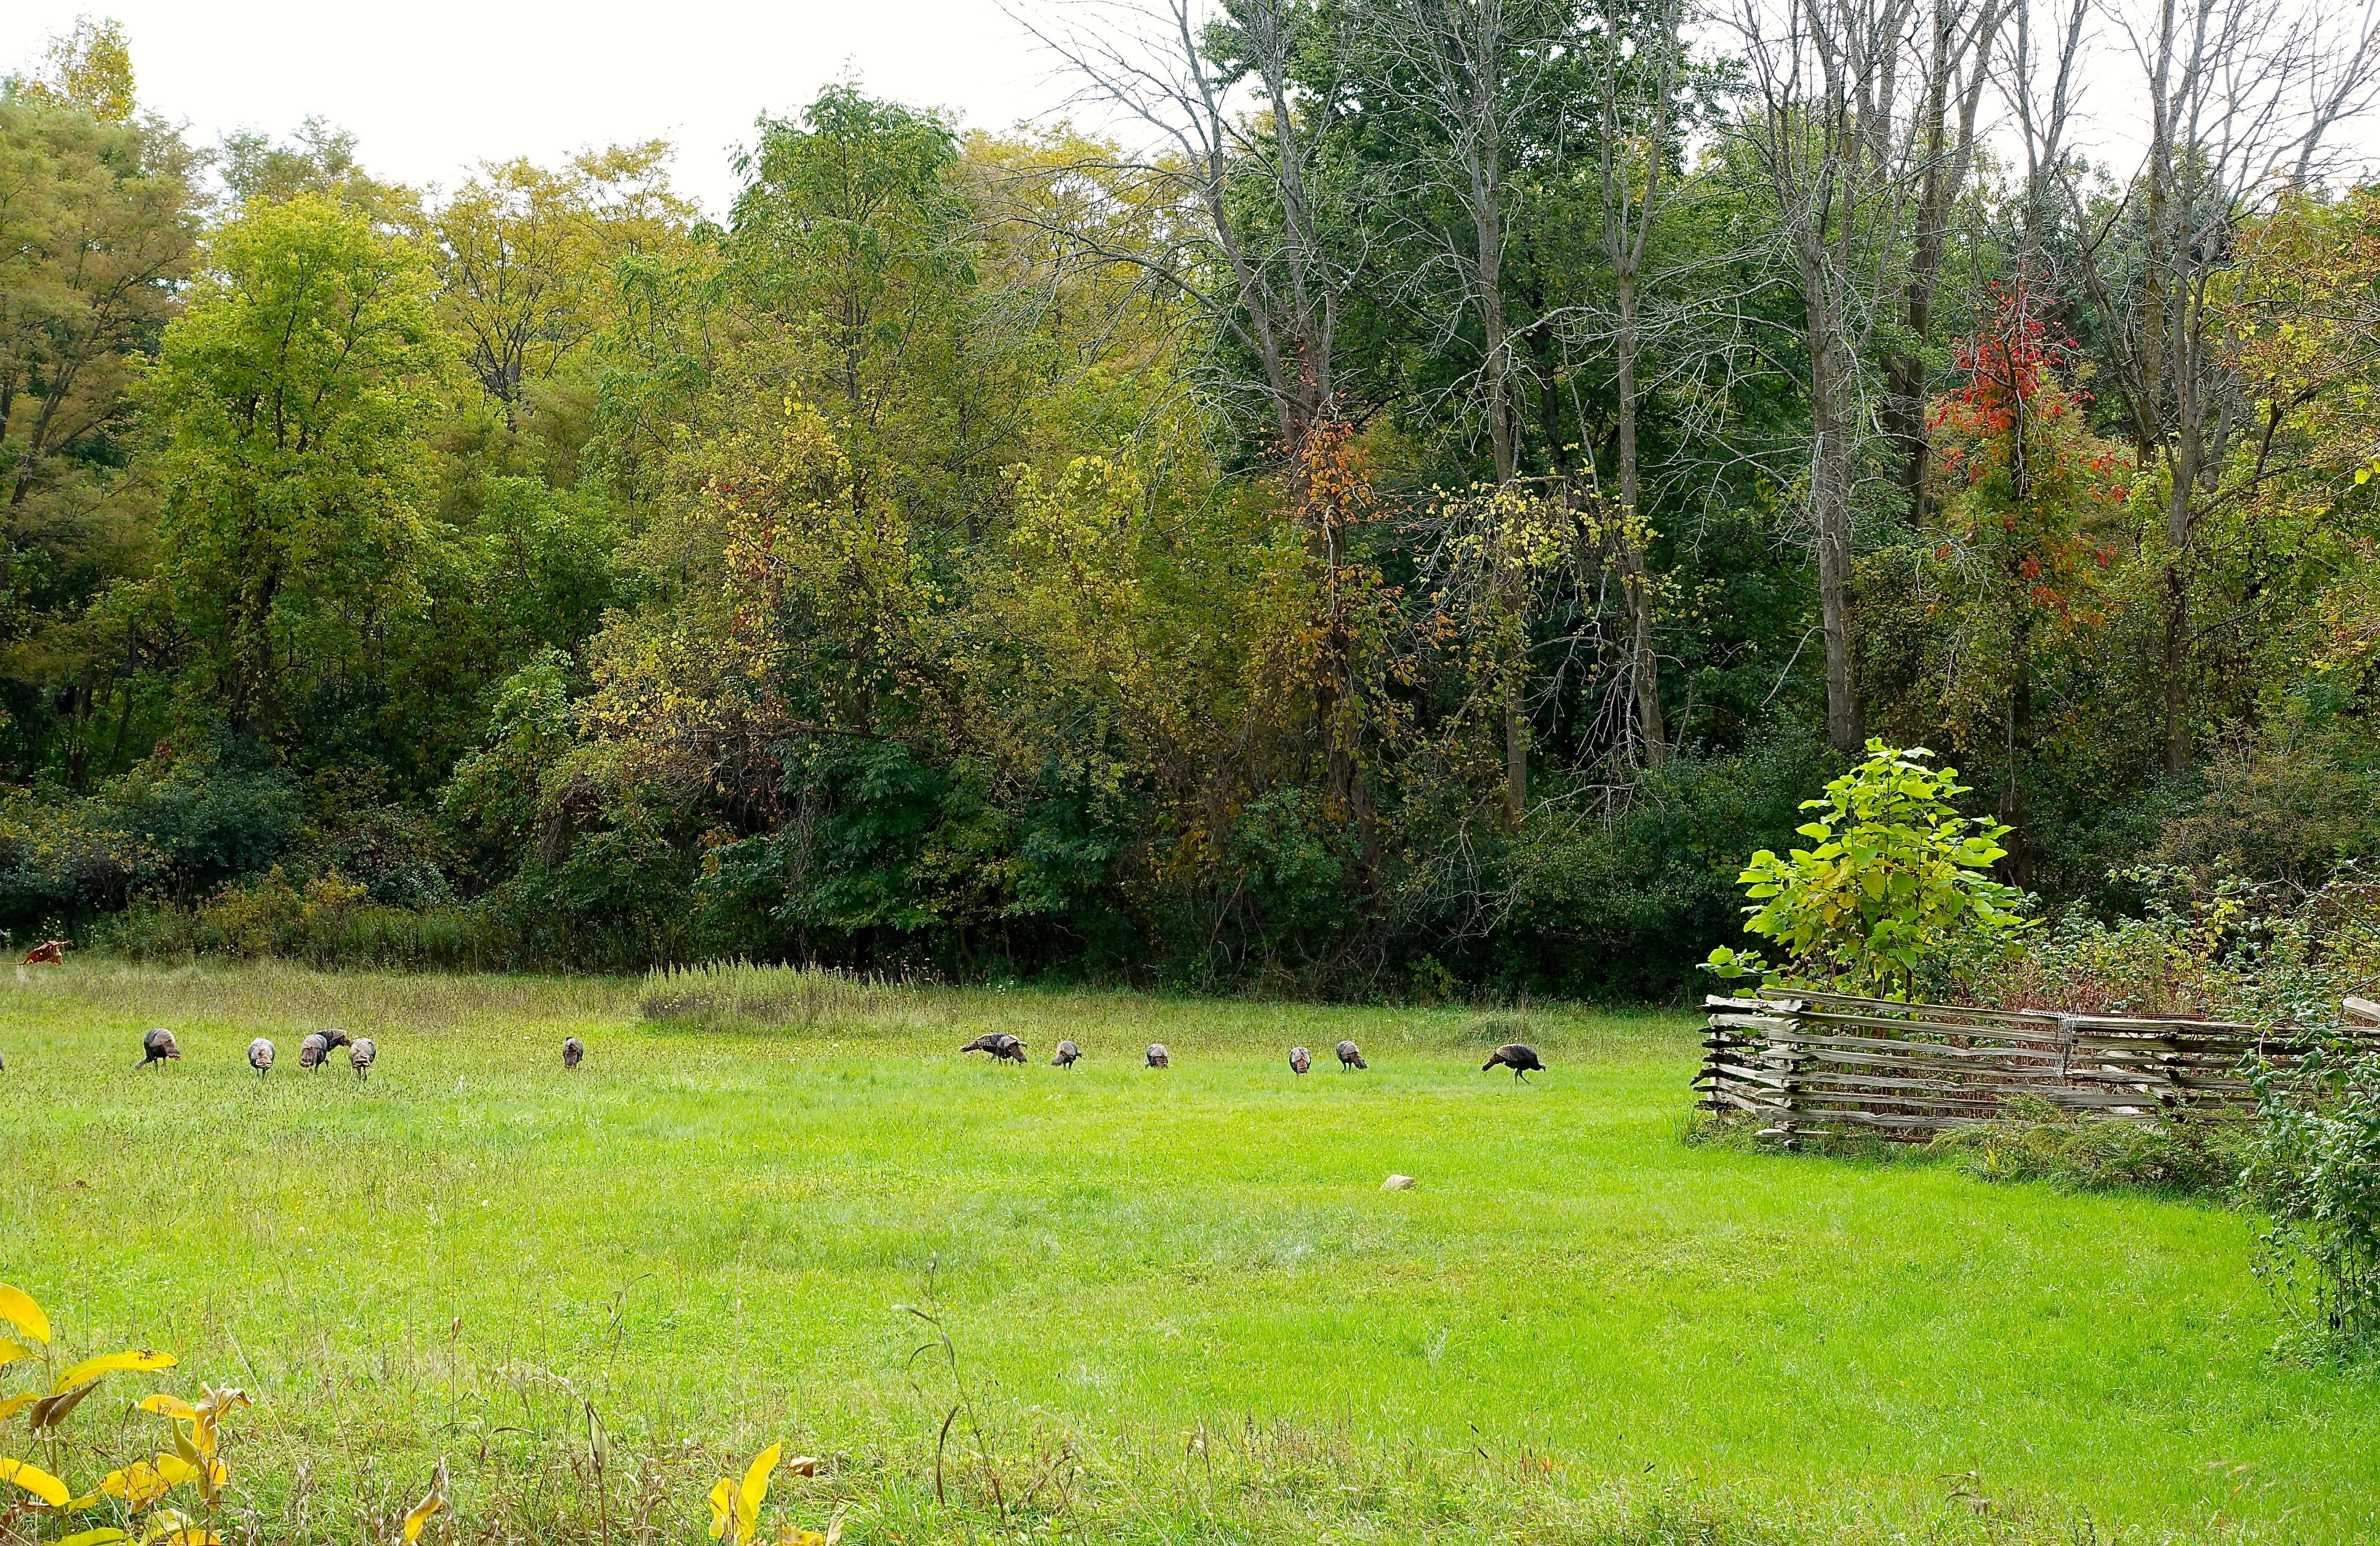 Turkeys in October 2015